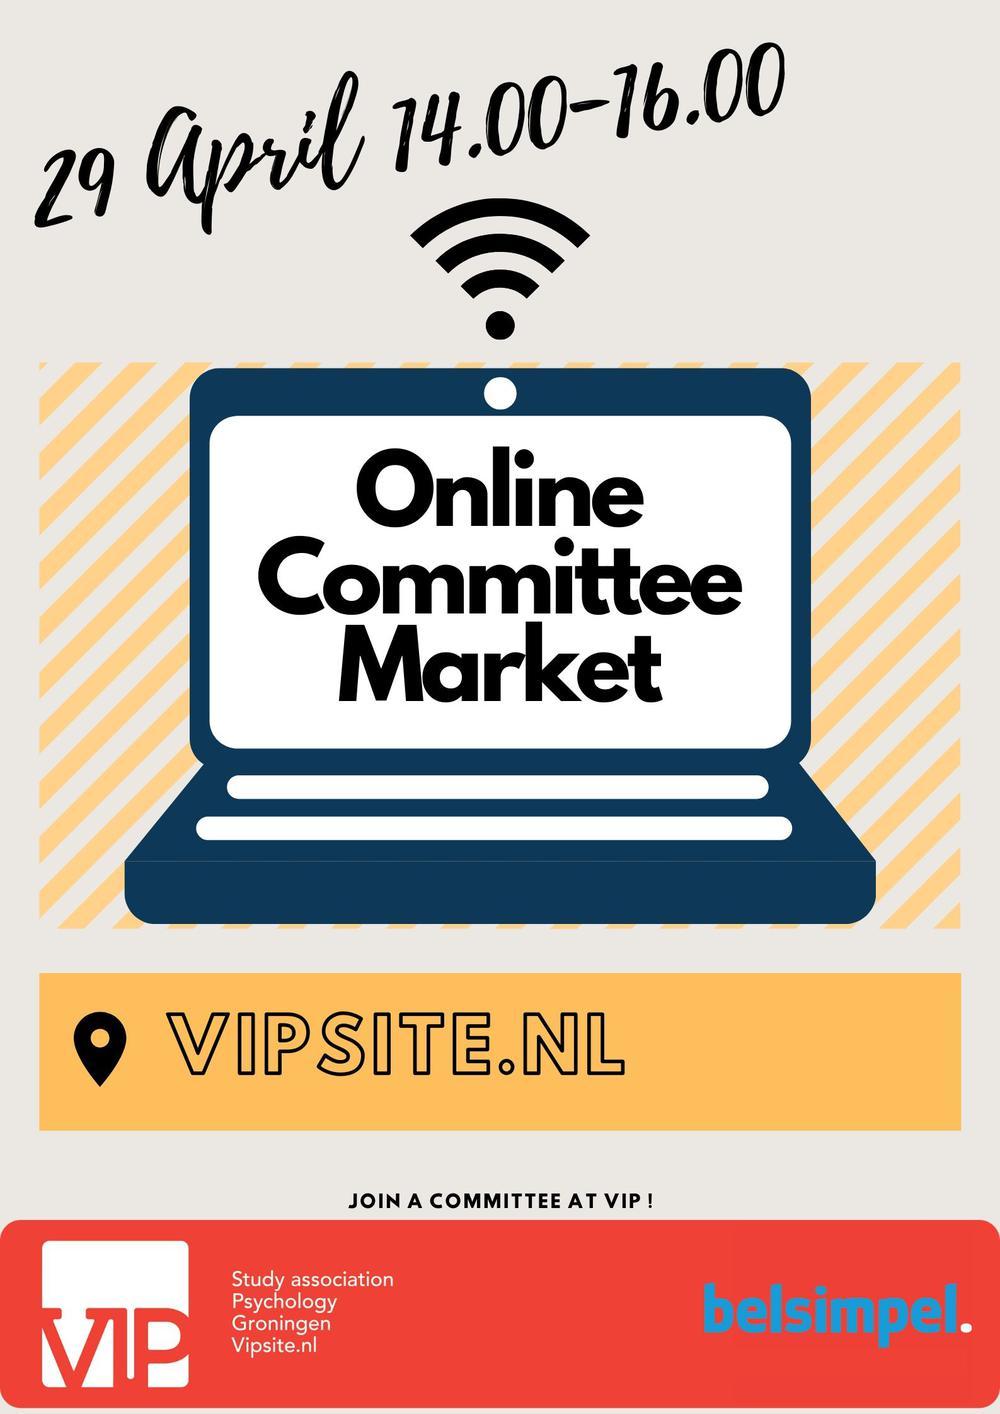 Online Committee Market